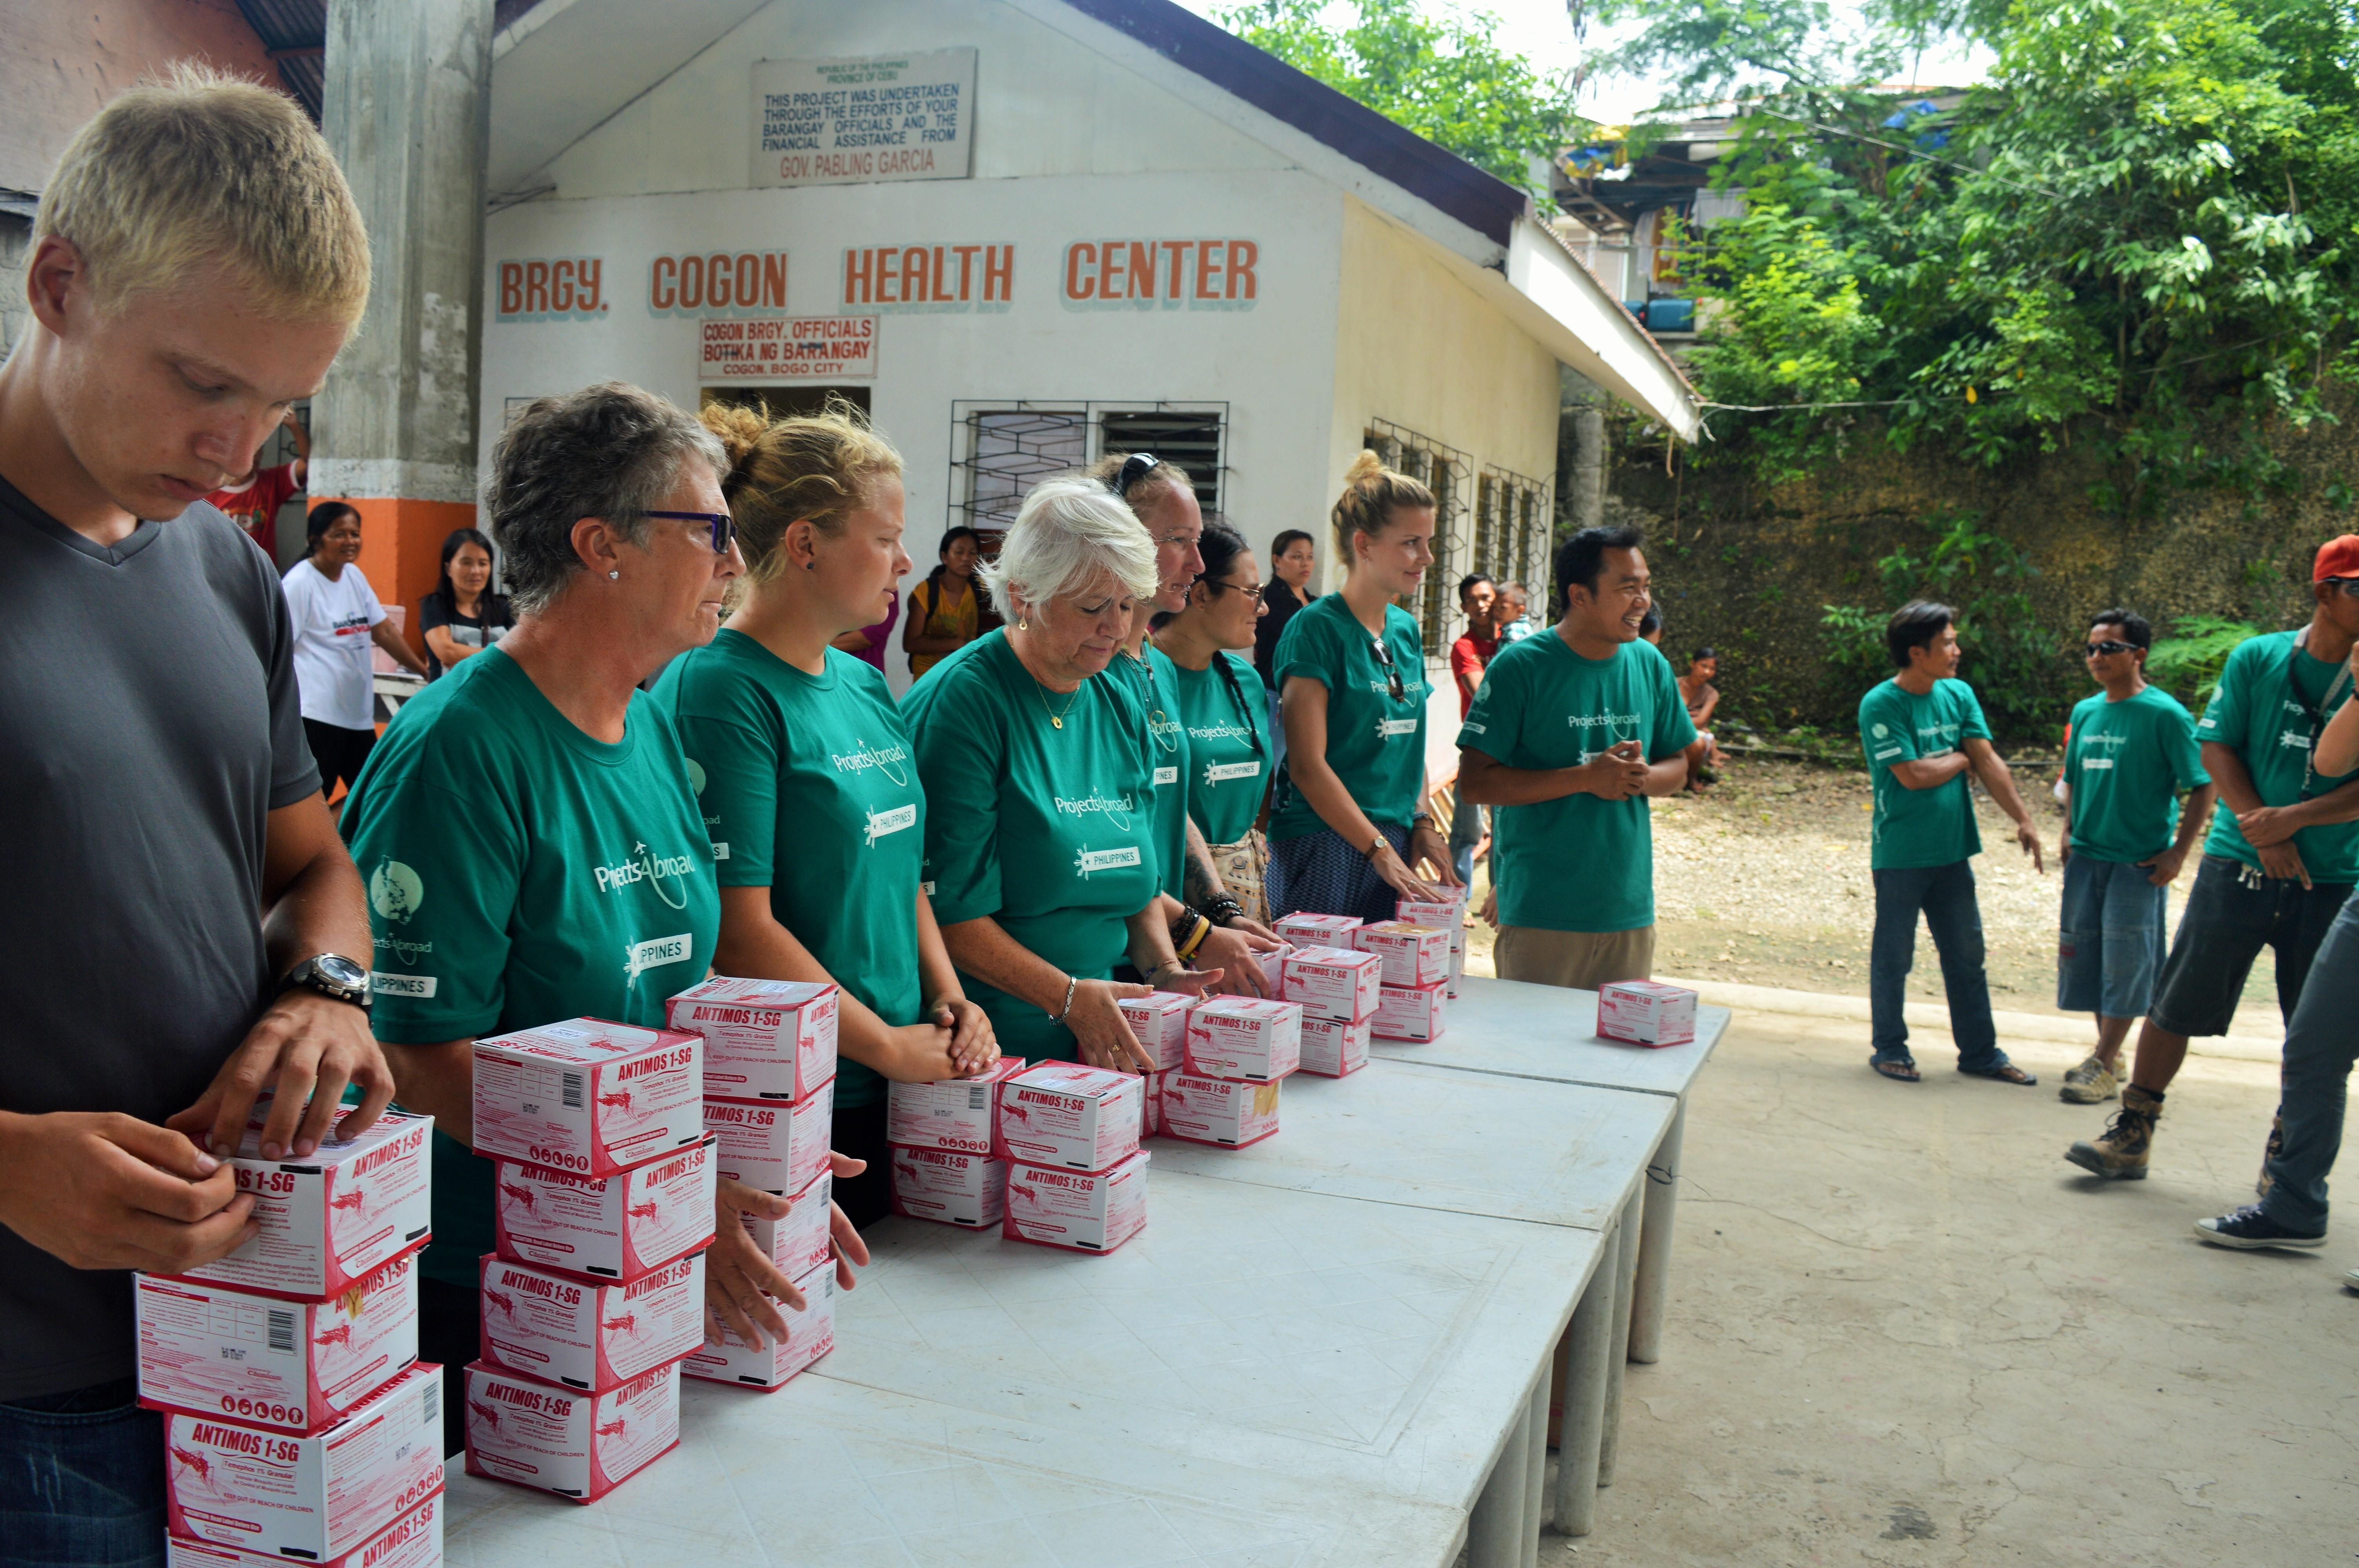 I volontari di Projects Abroad distribuiscono le scatole di larvicida alla comunità durante la campagna per la prevenzione della dengue nelle Filippine